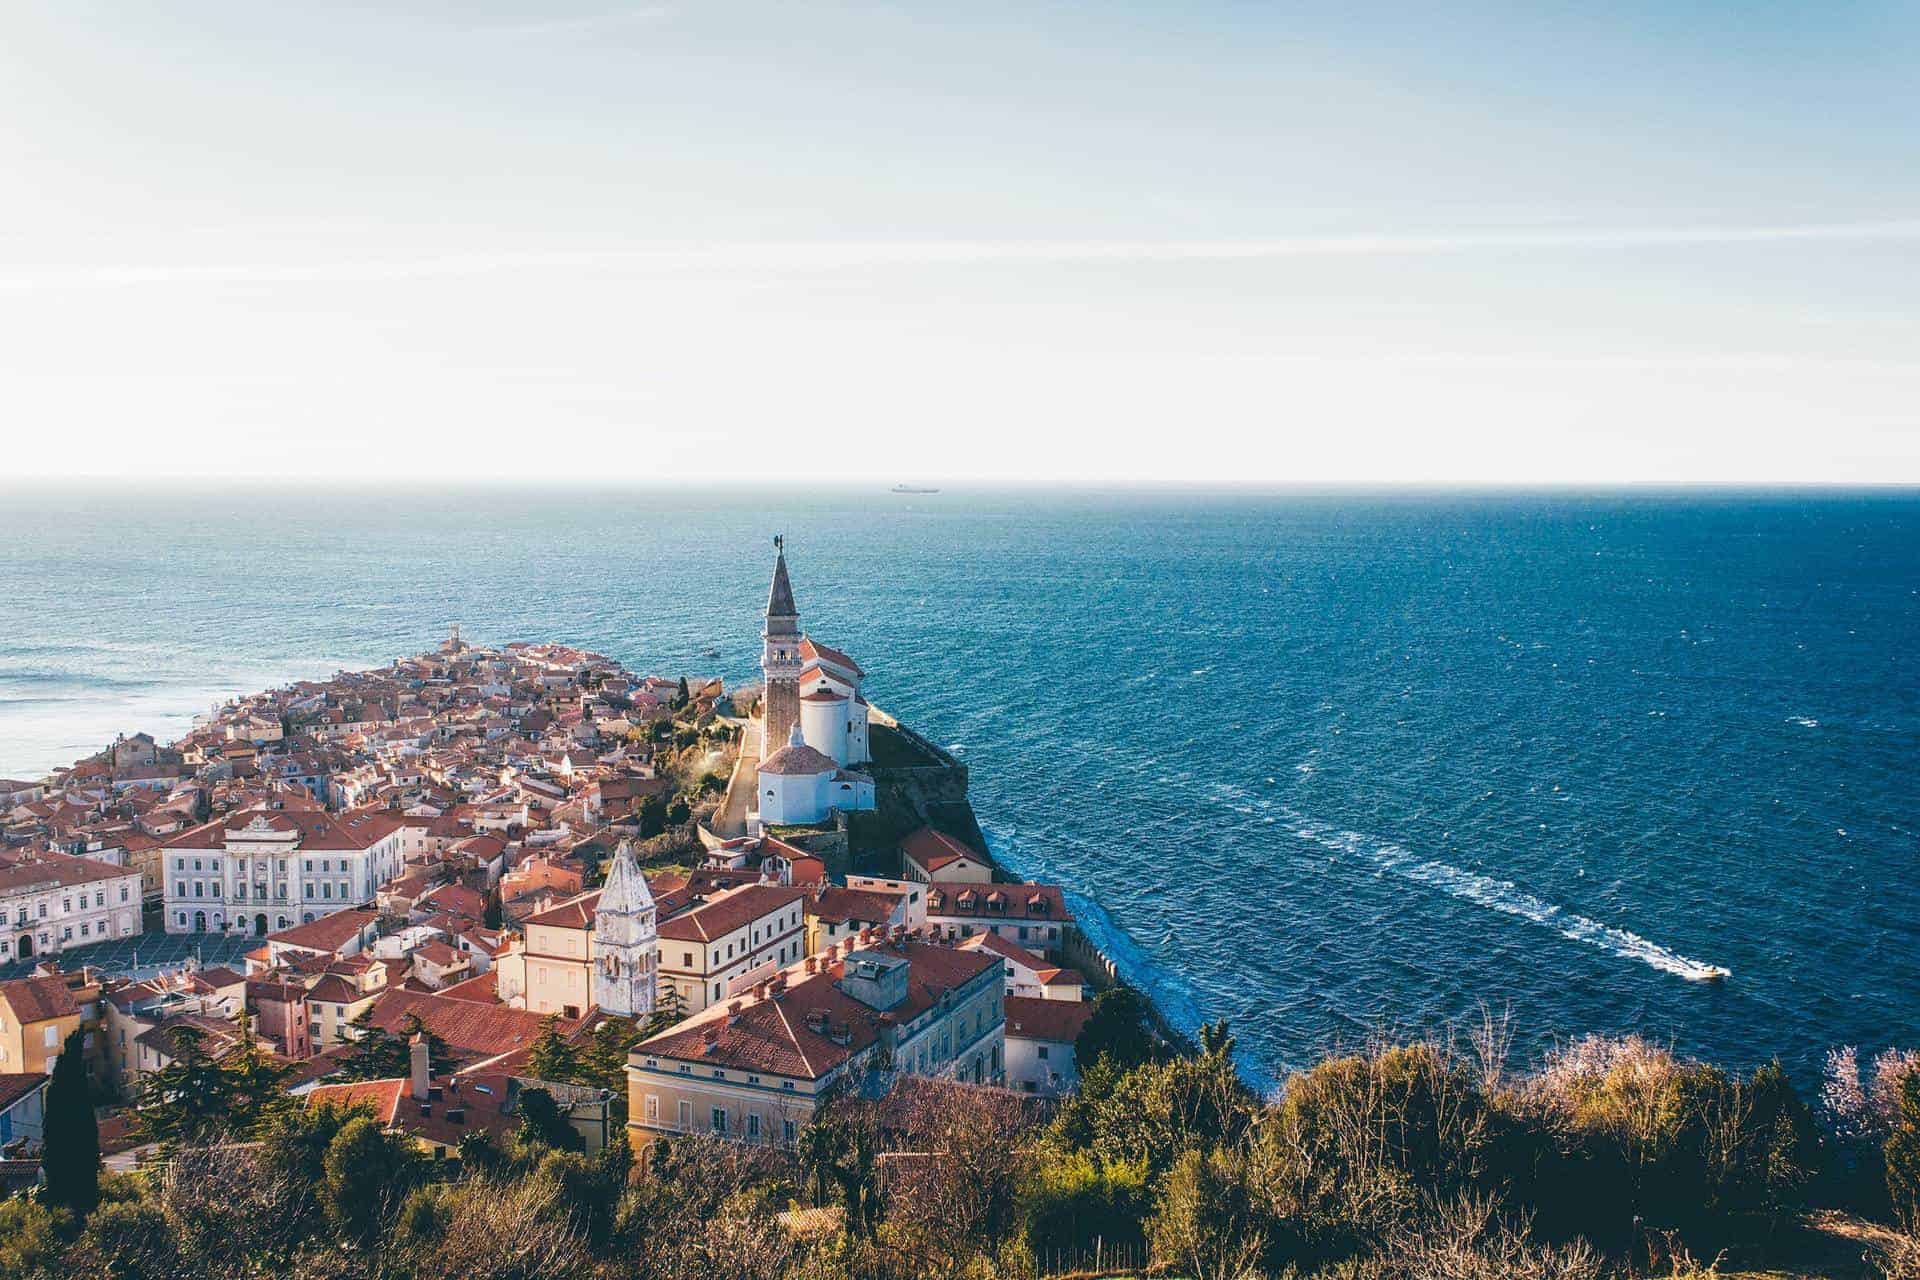 Eslovenia relaja sus restricciones de viajes para volver a recibir turistas internacionales que se hayan vacunado contra el COVID-19